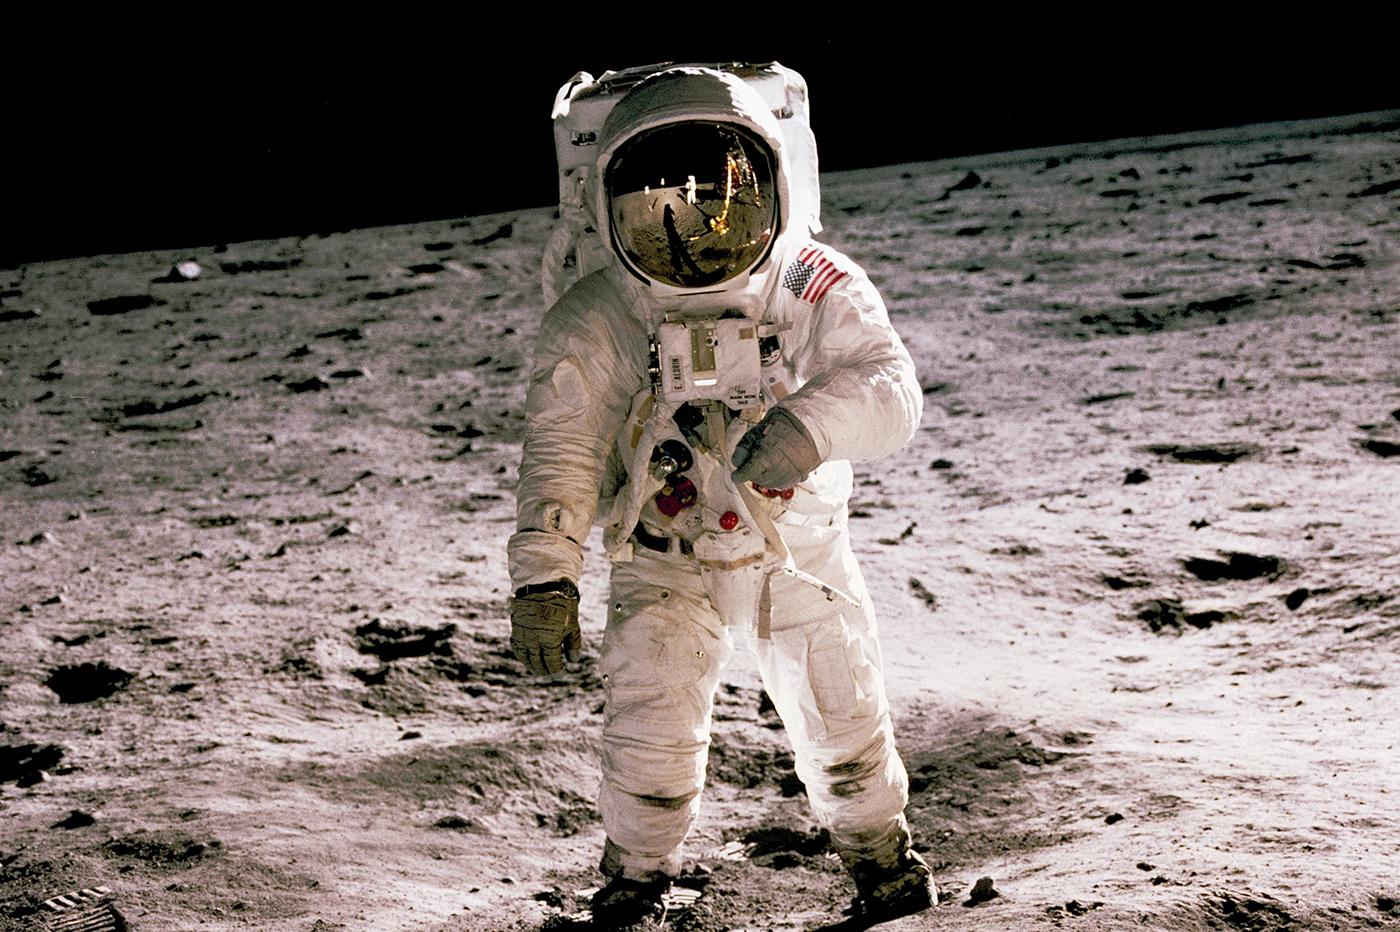 astronaut dating site cum să știi dacă se întâlnește cu cineva